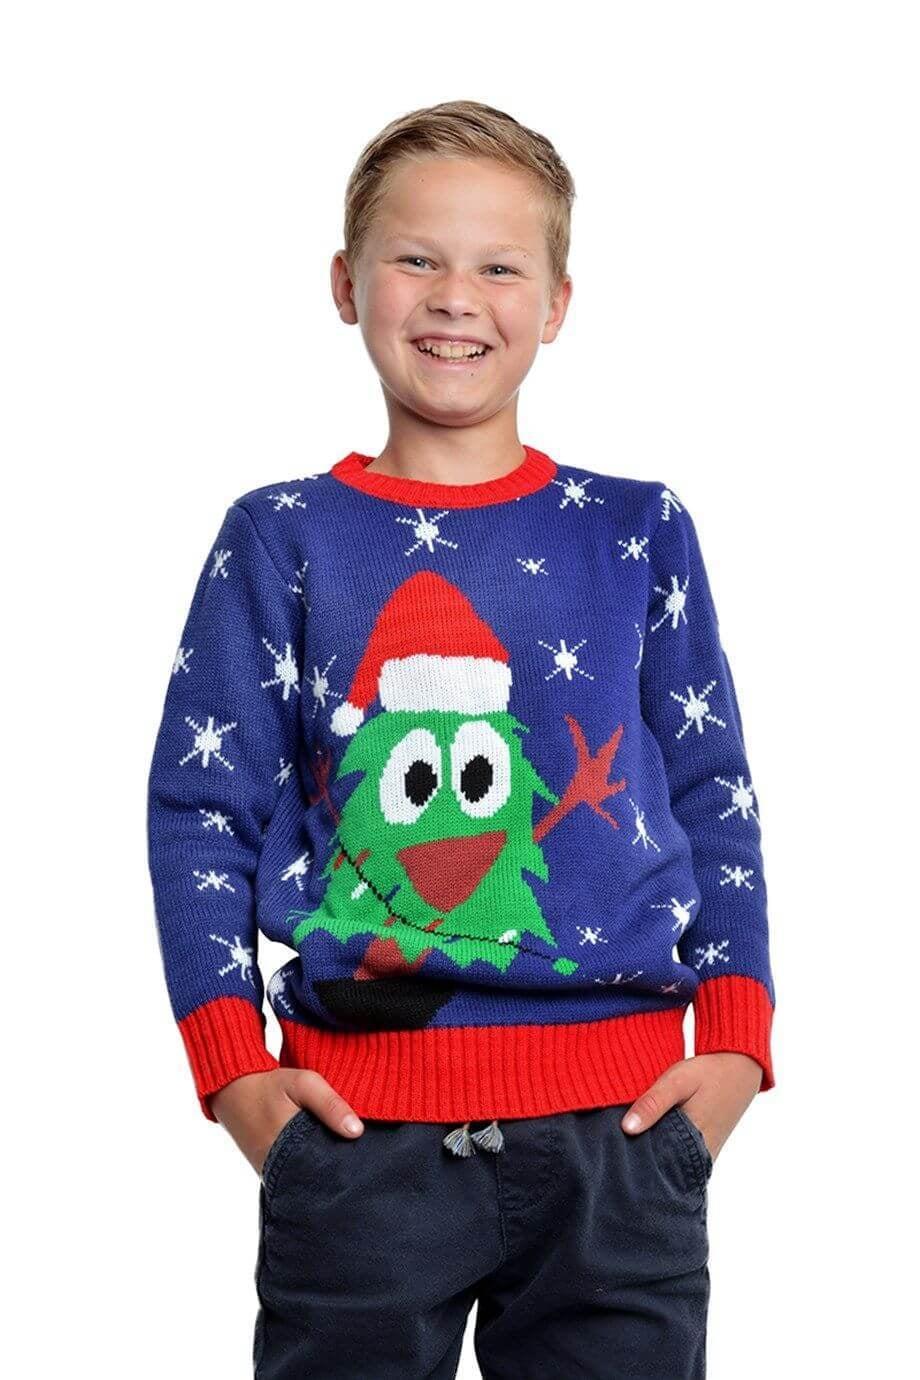 Kersttrui Kids.Kersttrui Blauw Met Kerstboom Kids Coppens Warenhuis